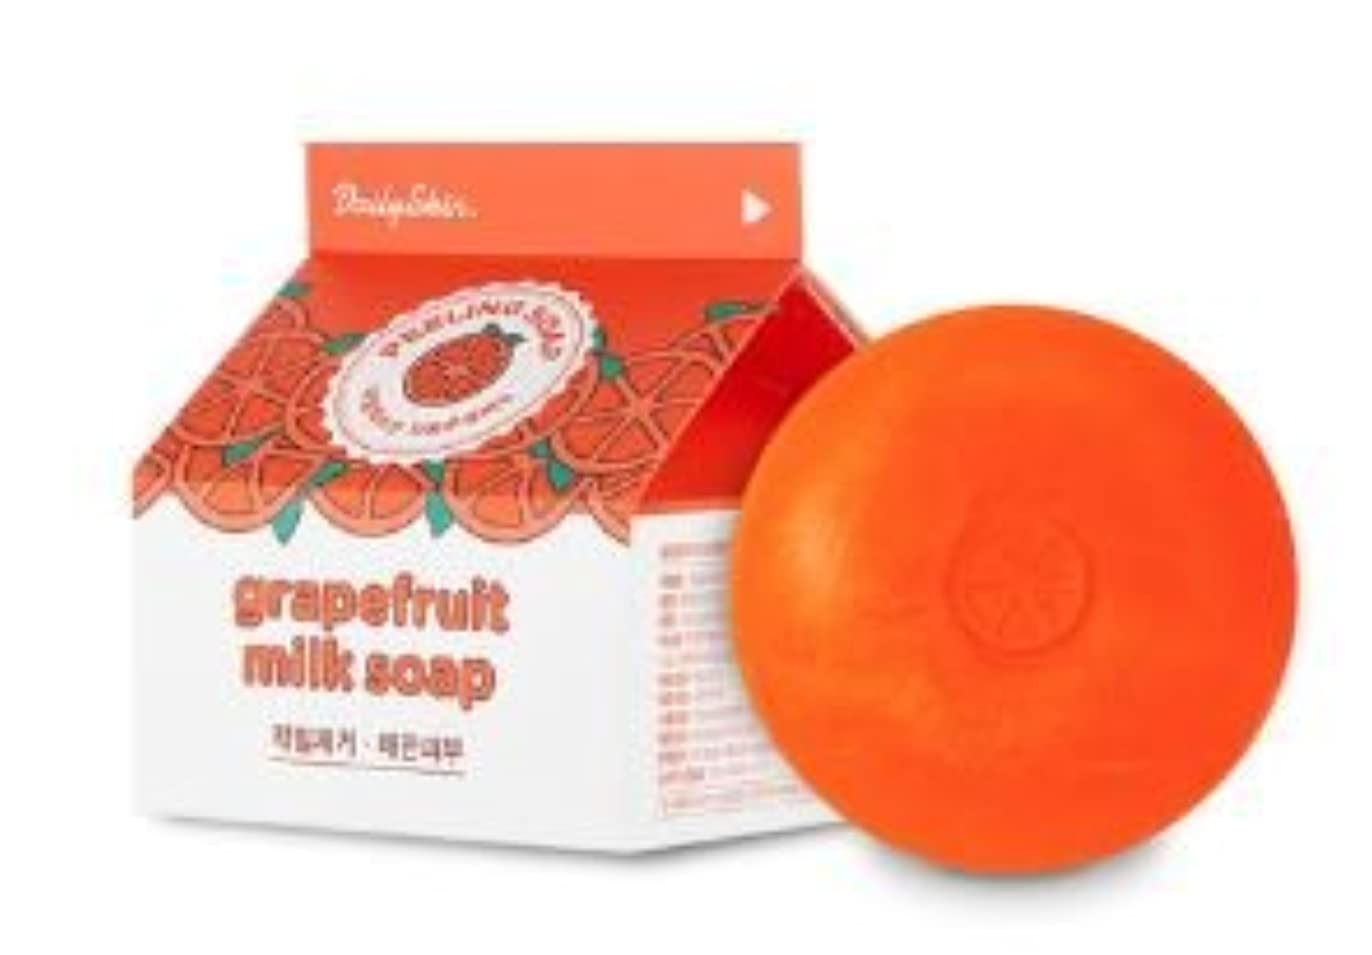 名前で延期する生理[NEW★] Daily Skin Grapefruit Milk Soap 100g/デイリースキン グレープフルーツ ミルク ソープ 100g [並行輸入品]